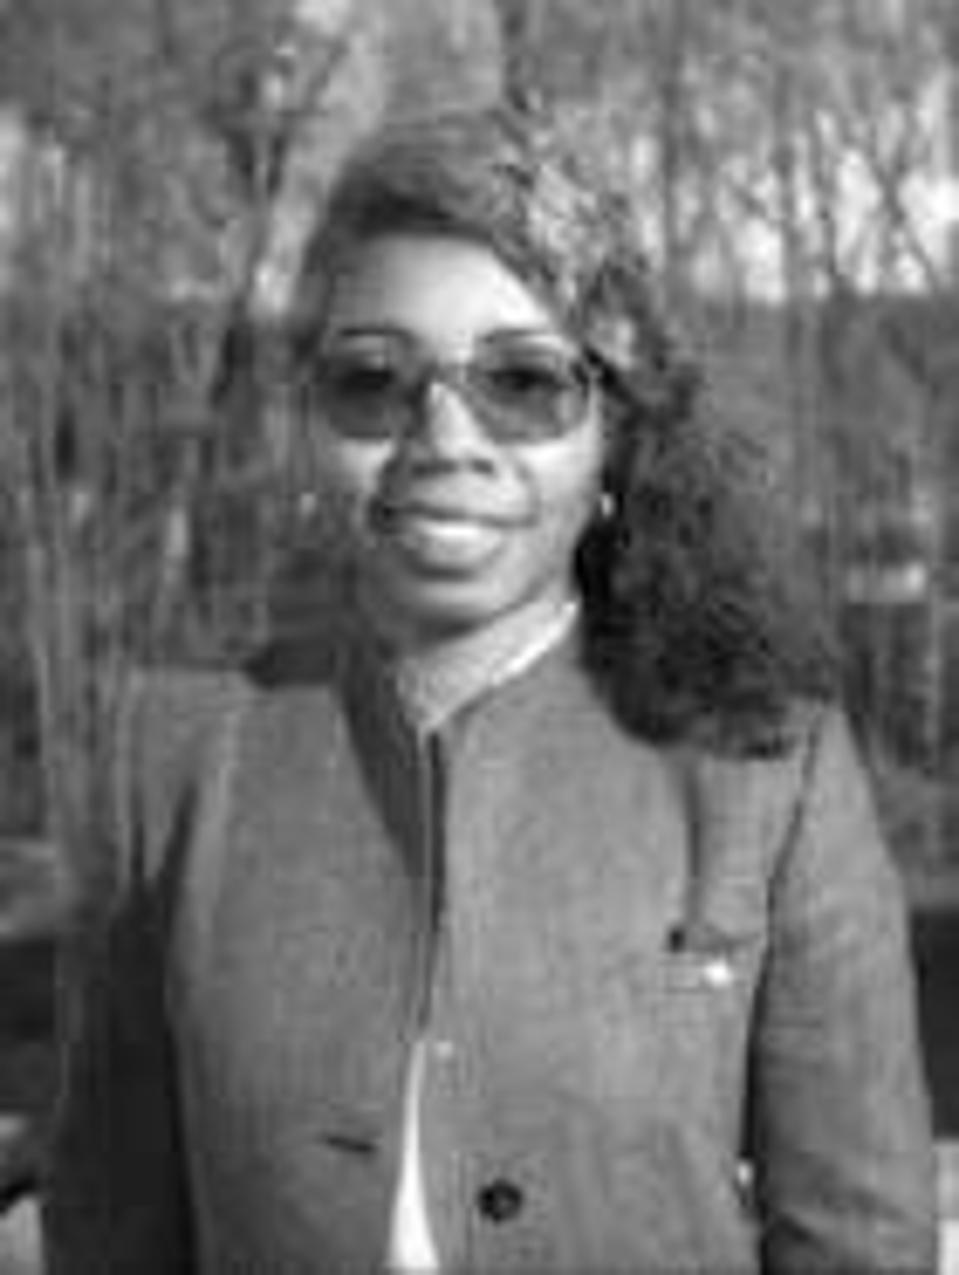 image of Valerie Thomas, scientist